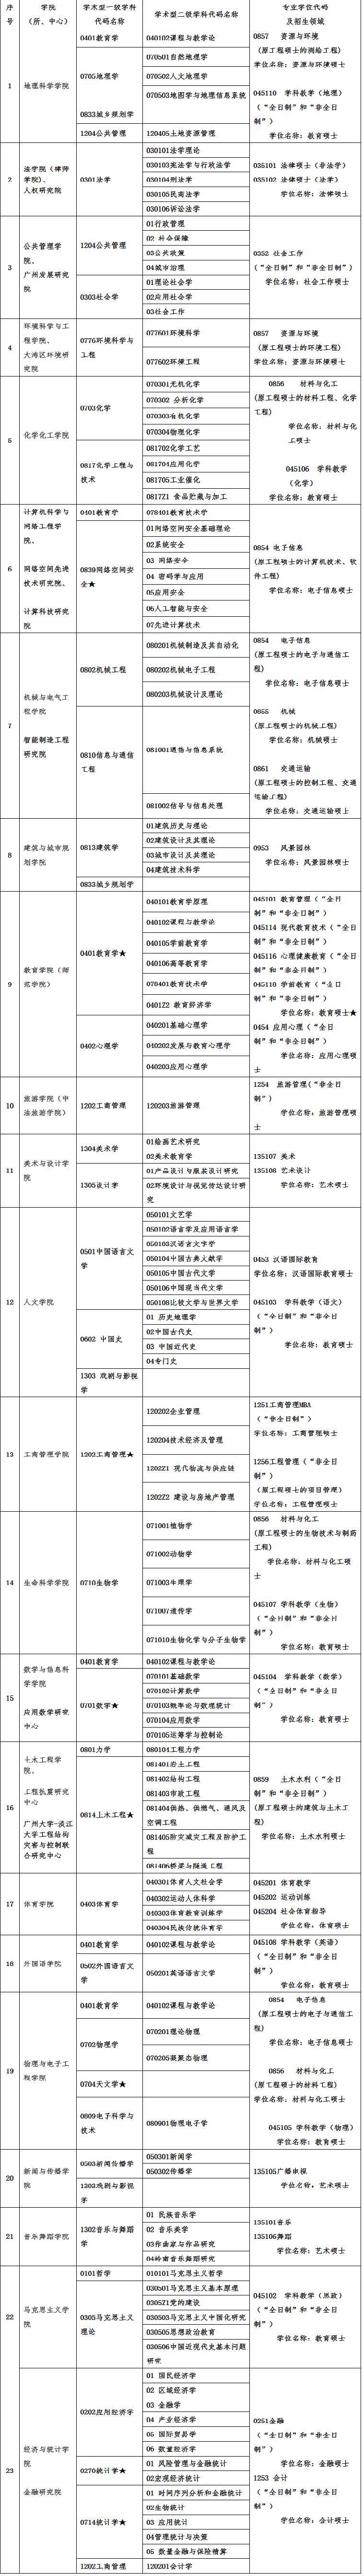 广州大学2020年硕士研究生招生简章